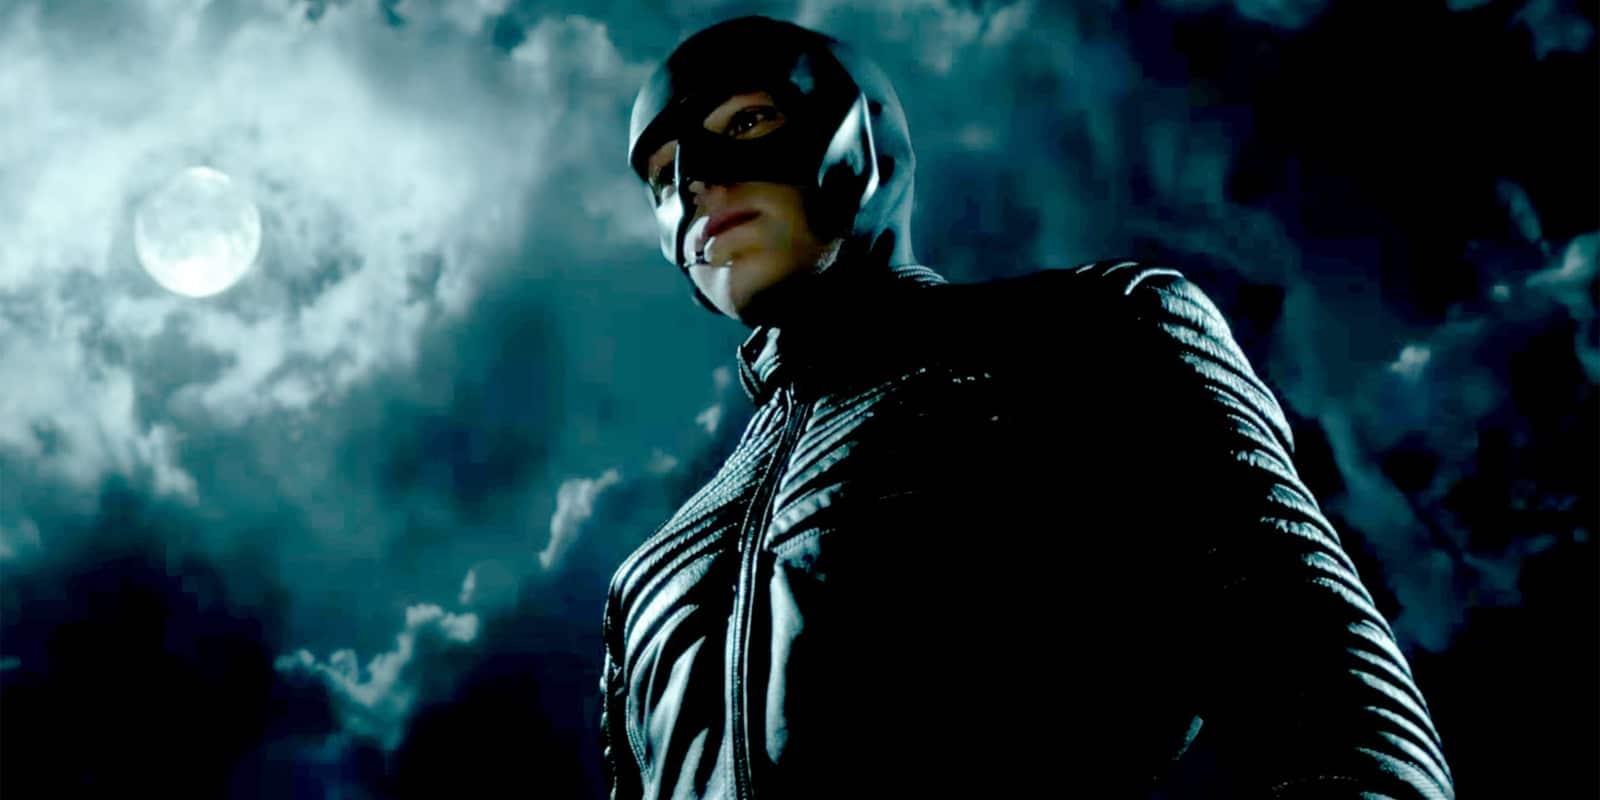 Batman-Bruce-Wayne-Gotham-Final-Episode